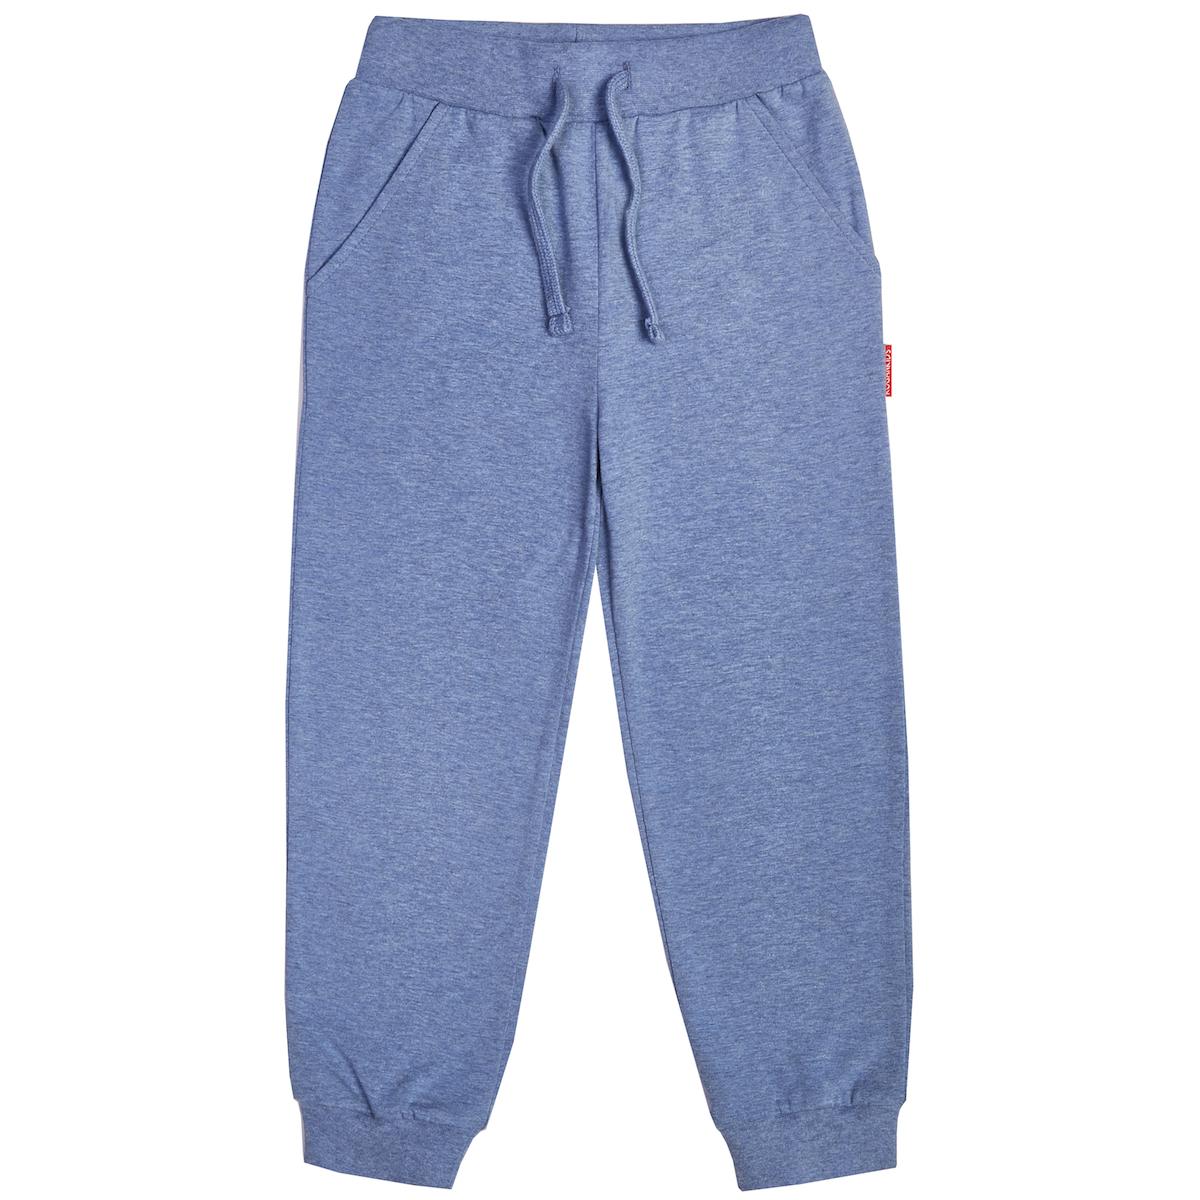 Меланжевые брюки для мальчика